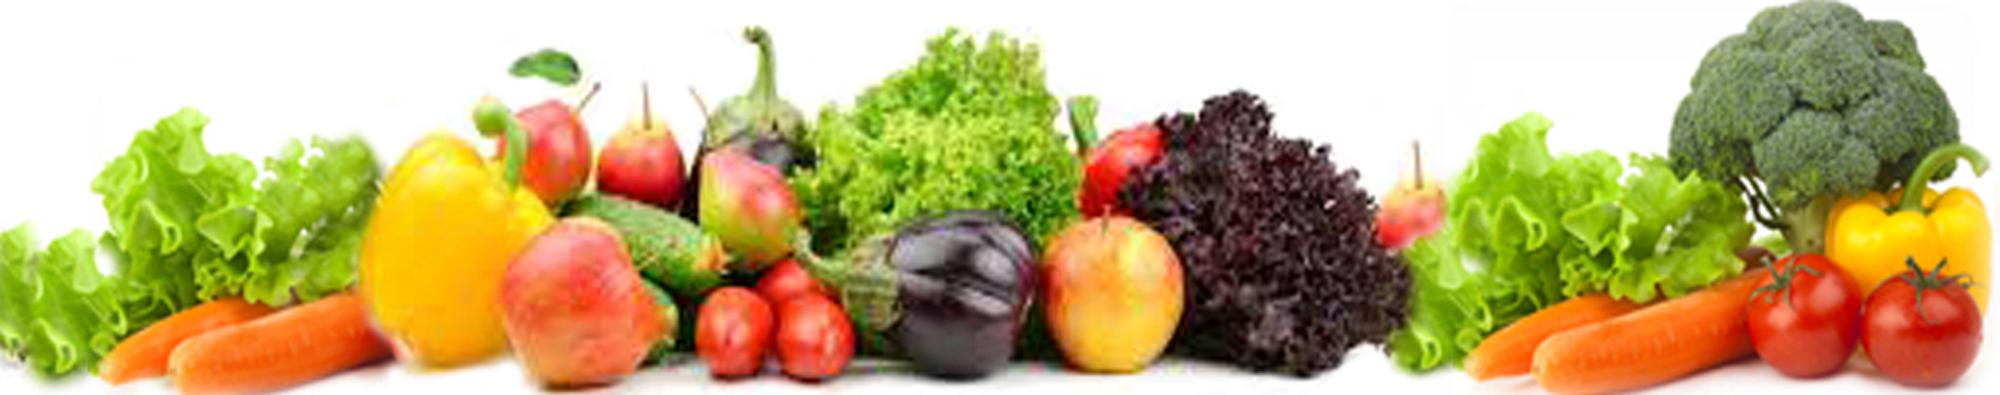 Salad Processing   TS Designs Inc.